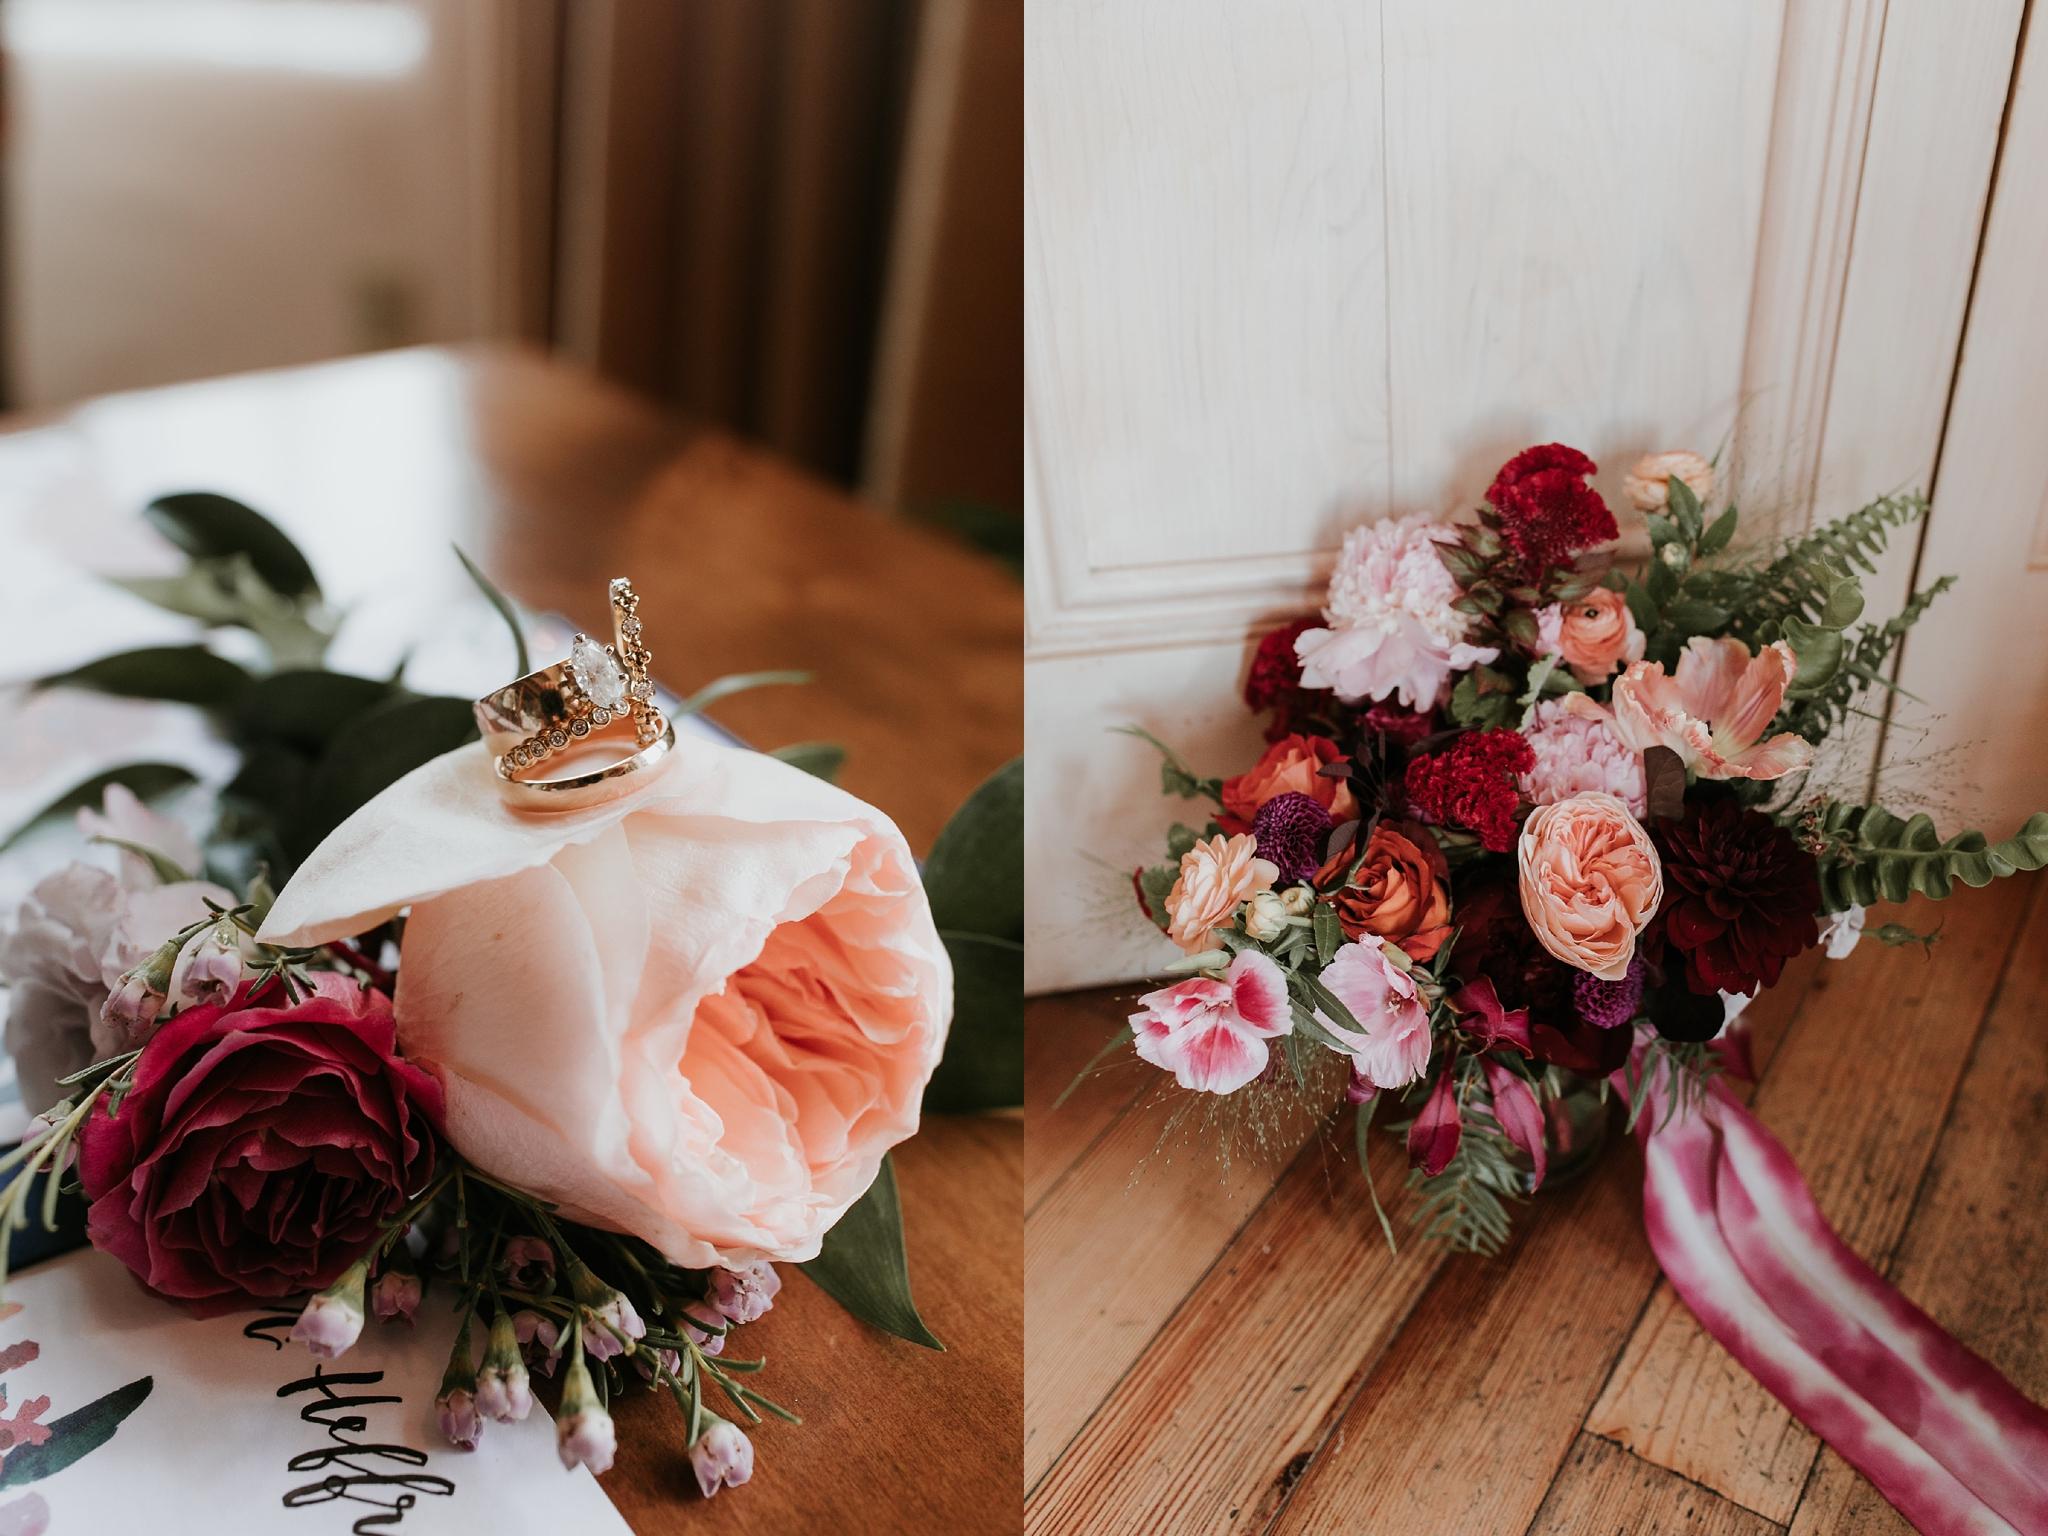 Alicia+lucia+photography+-+albuquerque+wedding+photographer+-+santa+fe+wedding+photography+-+new+mexico+wedding+photographer+-+new+mexico+florist+-+wedding+florist+-+renegade+floral_0024.jpg